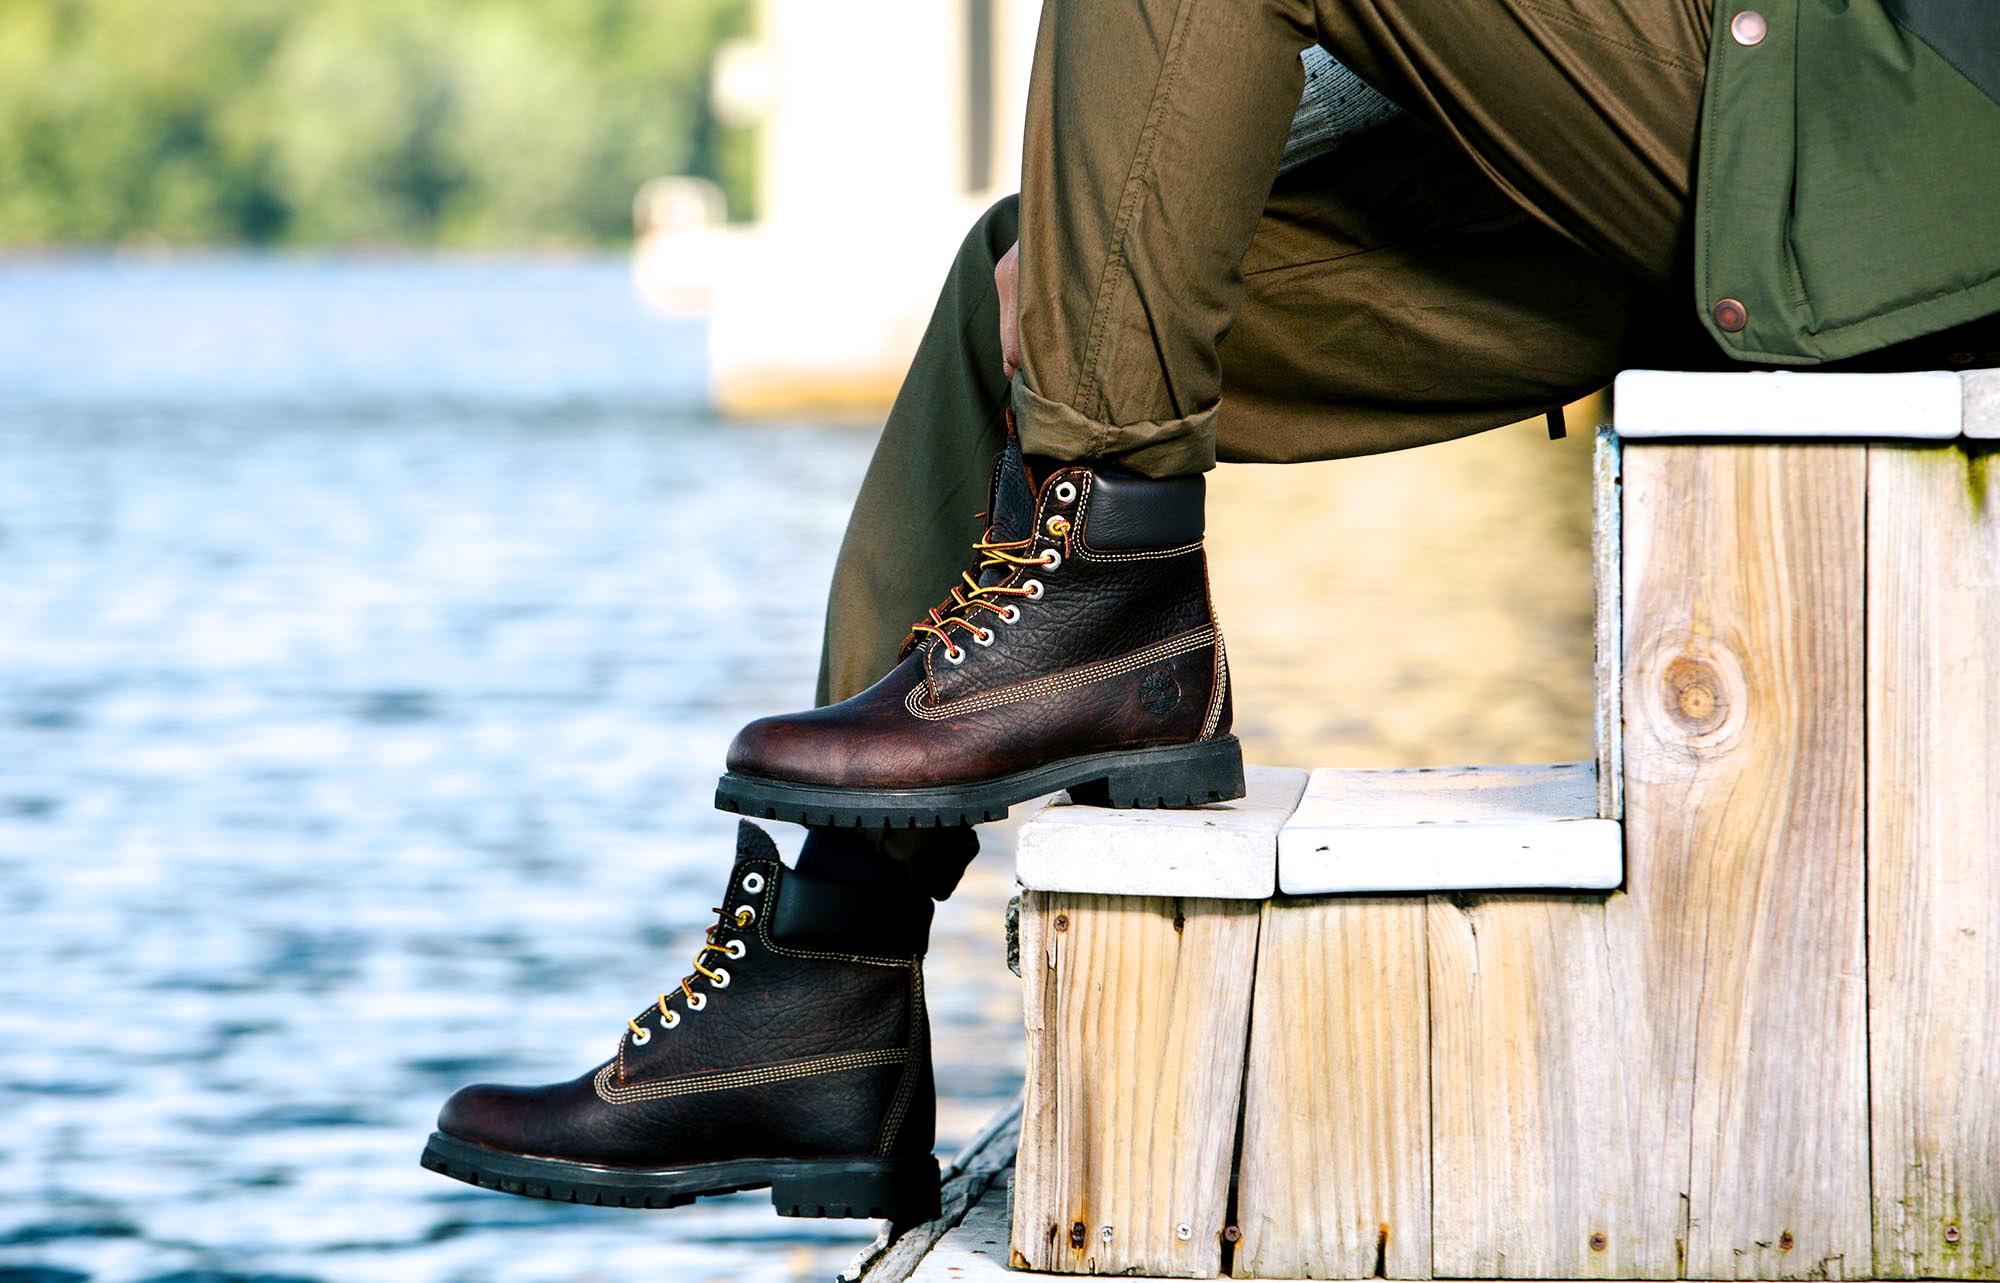 Timberland Boots Vol. East Coast Swag Side 51NikeTalk Side 51 NikeTalk